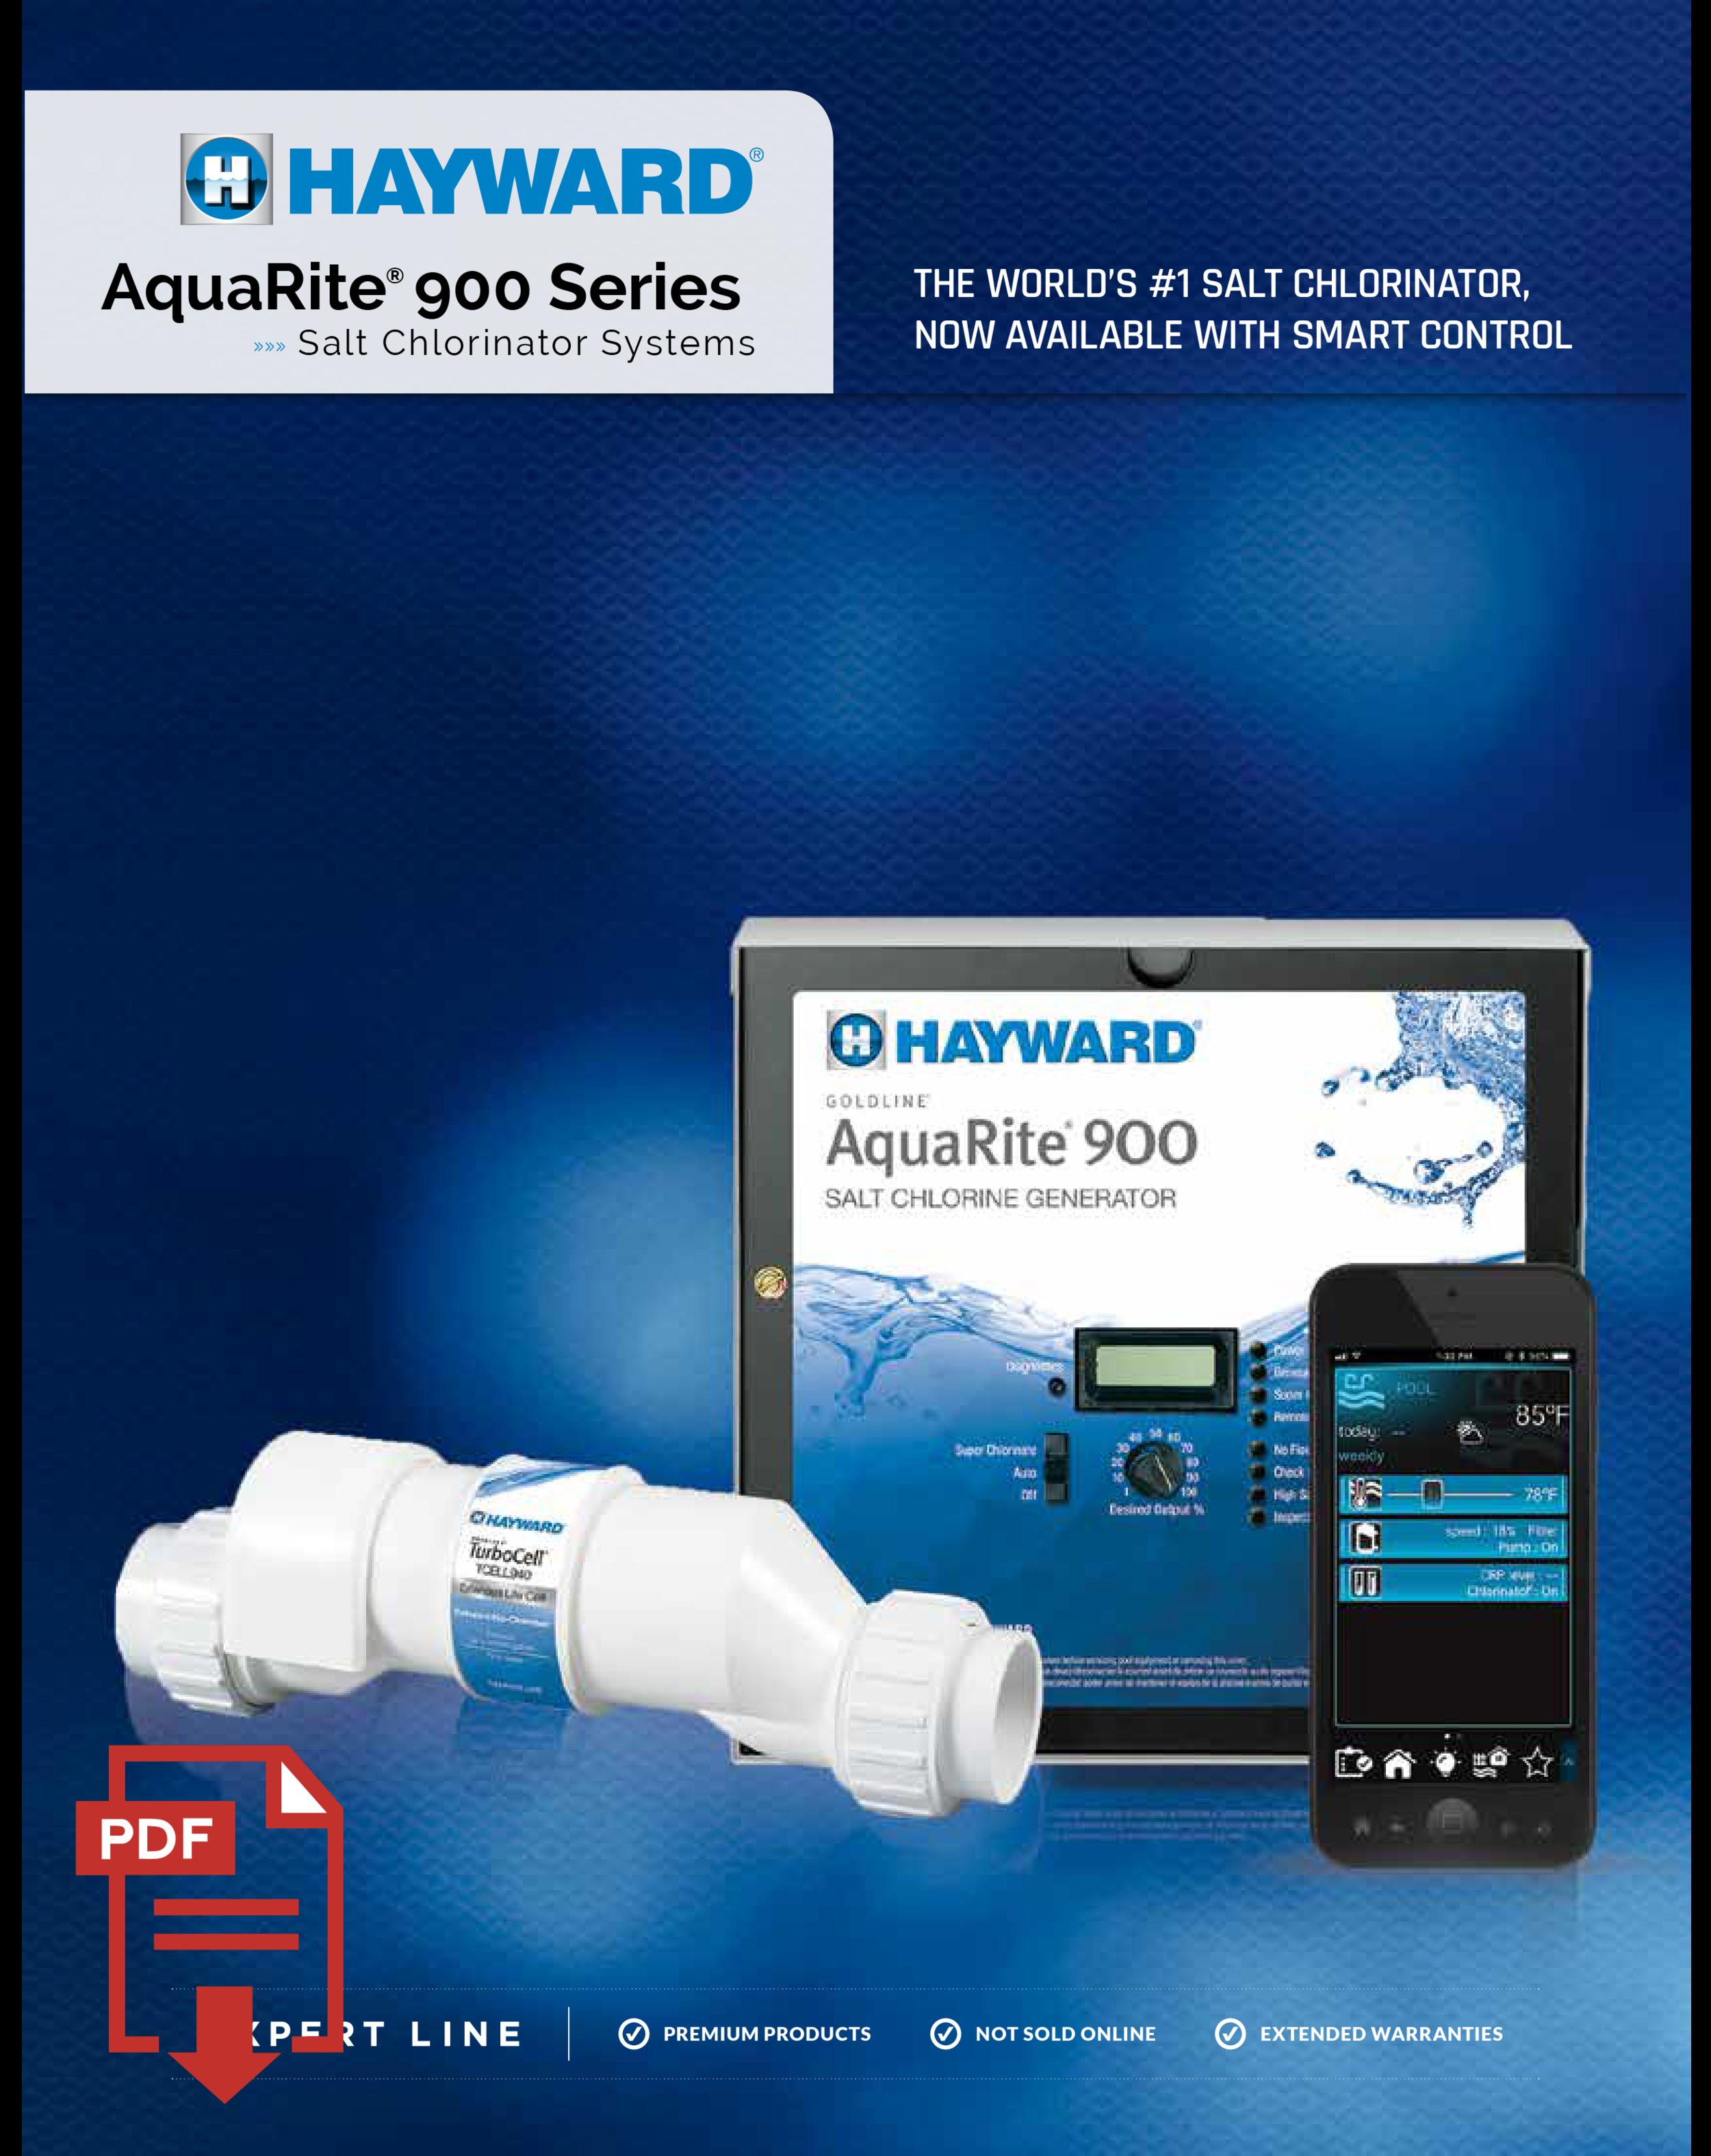 AquaRite_900-imageDL.png